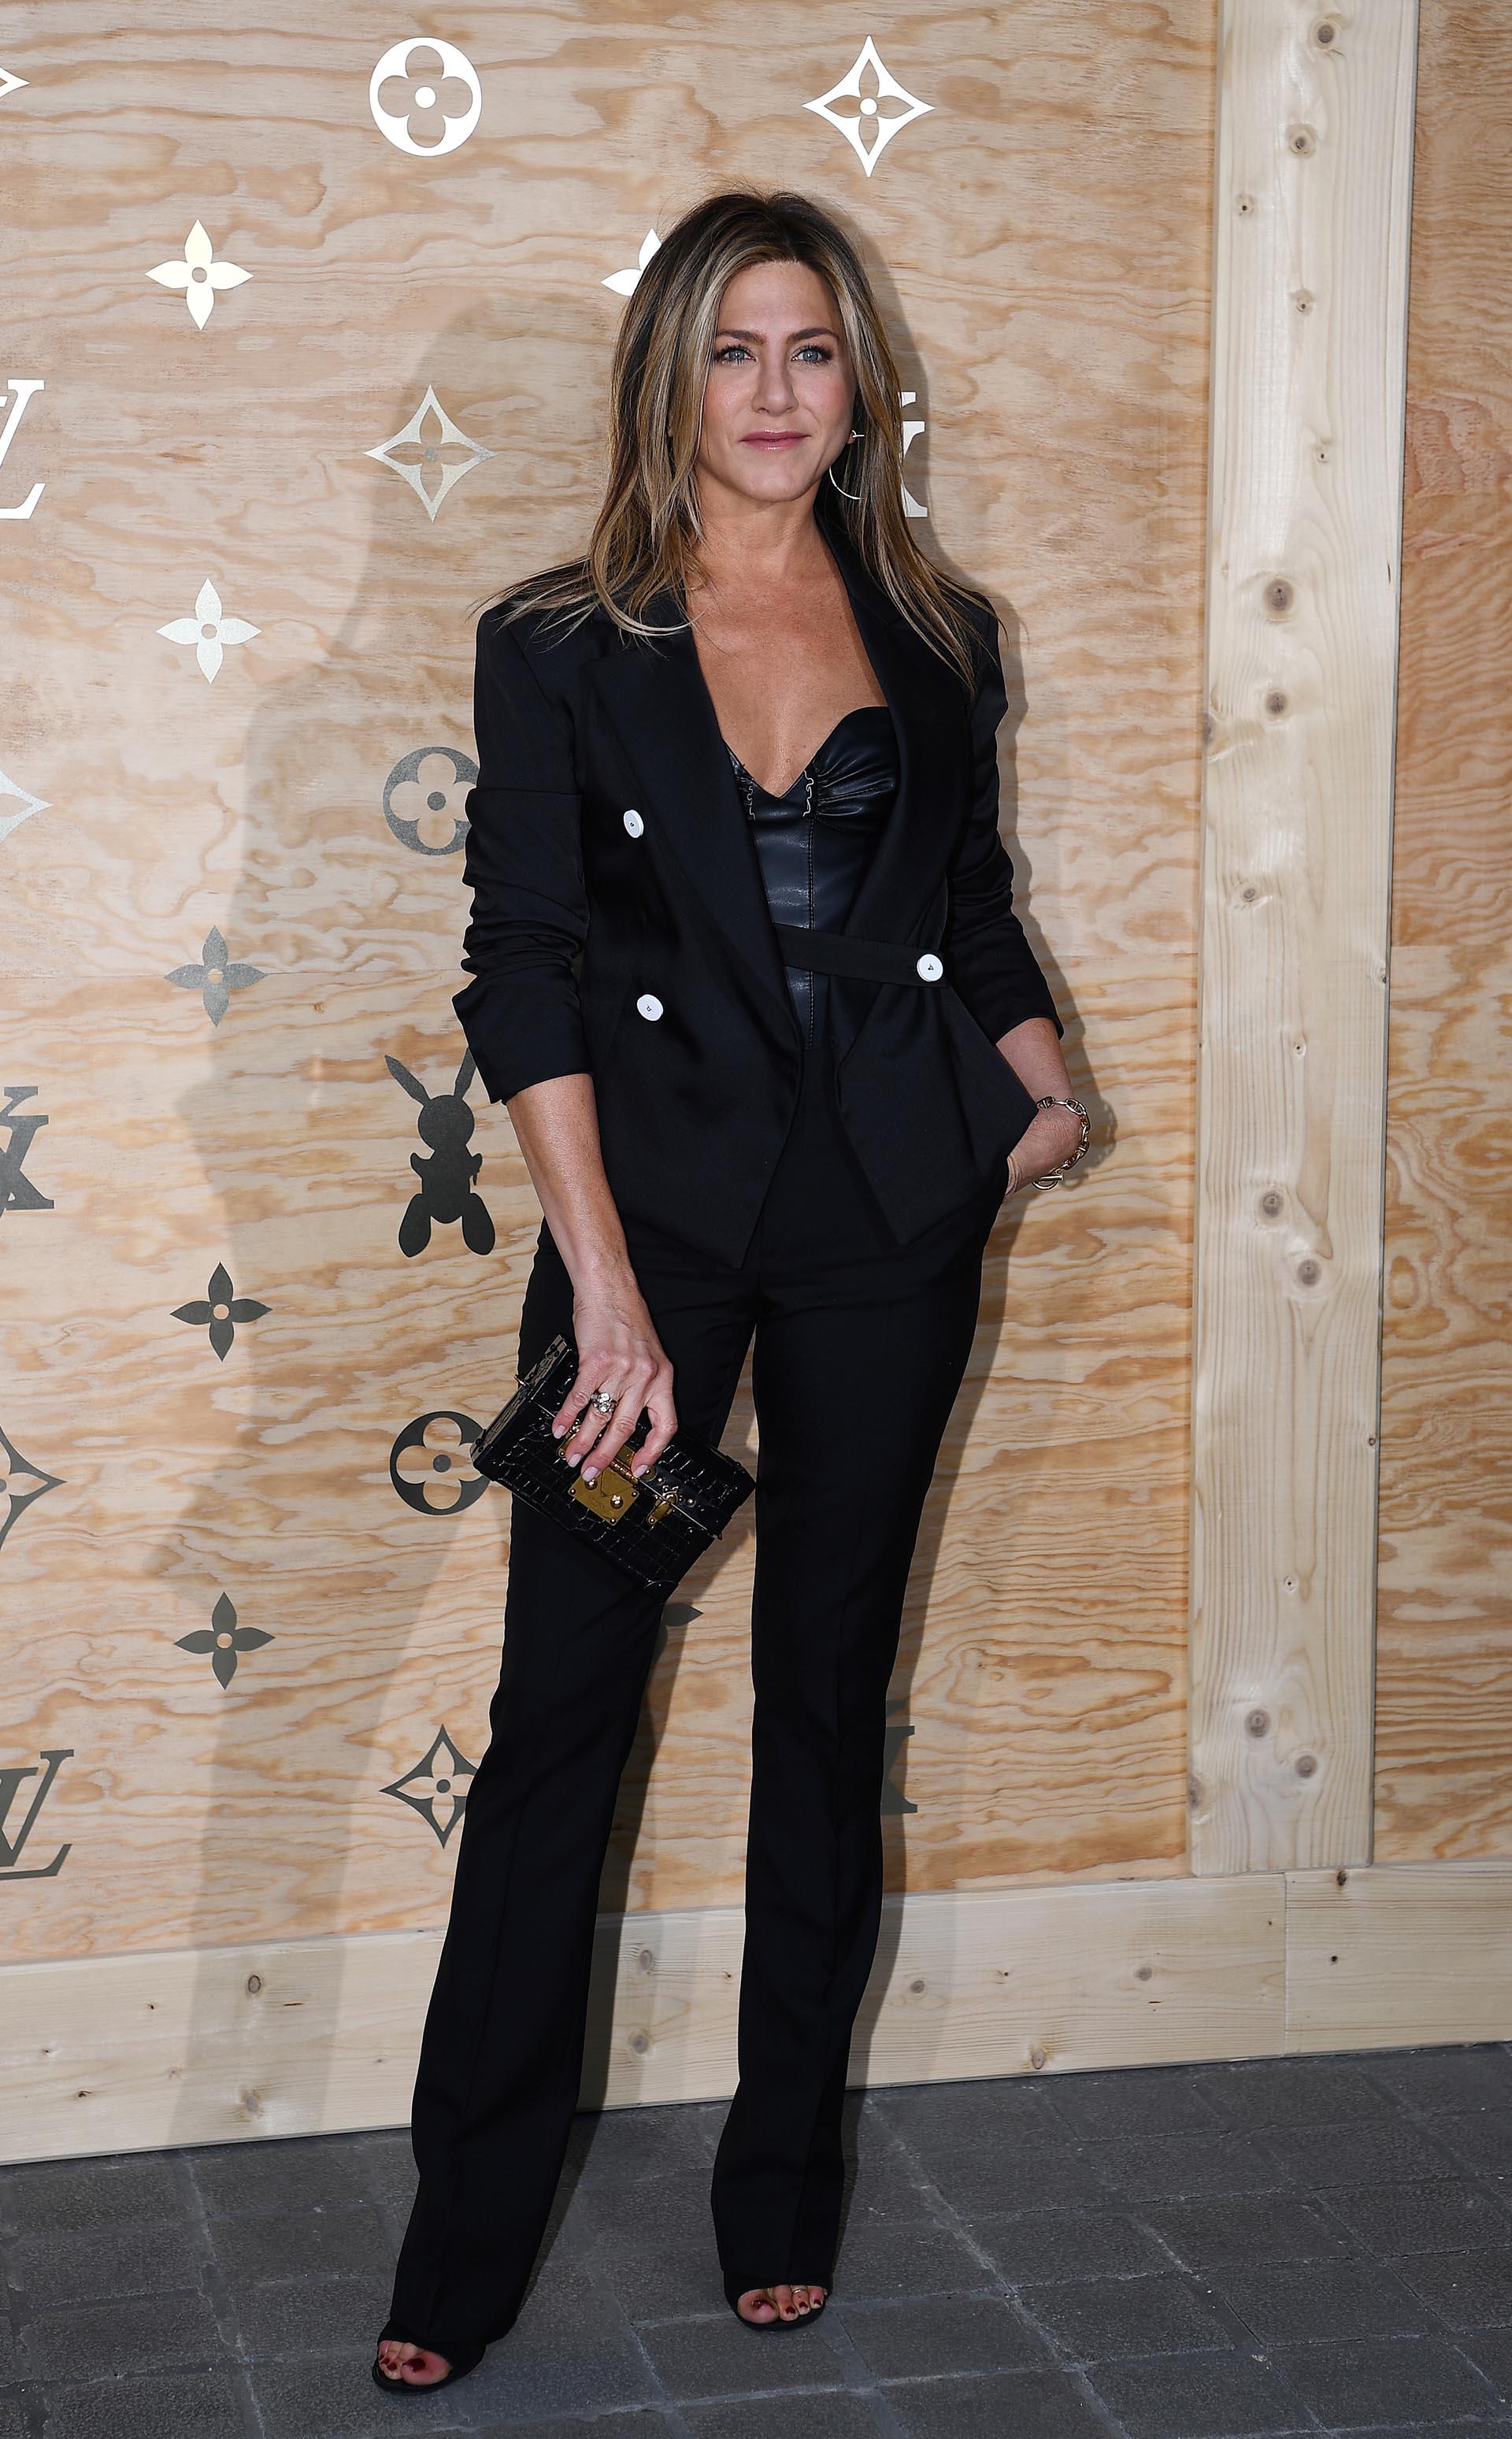 """Jennifer Aniston arriba al glamoroso evento de Louis Vuitton en París, para conocer la nueva colección de carteras inspiradas en grandes obras de arte como """"La Gioconda"""", """"La Chasse au tigre"""", """"La Gimblette"""", """"Campo de trigo con cipreses"""" y """"Marte, Venus y Cupido"""""""